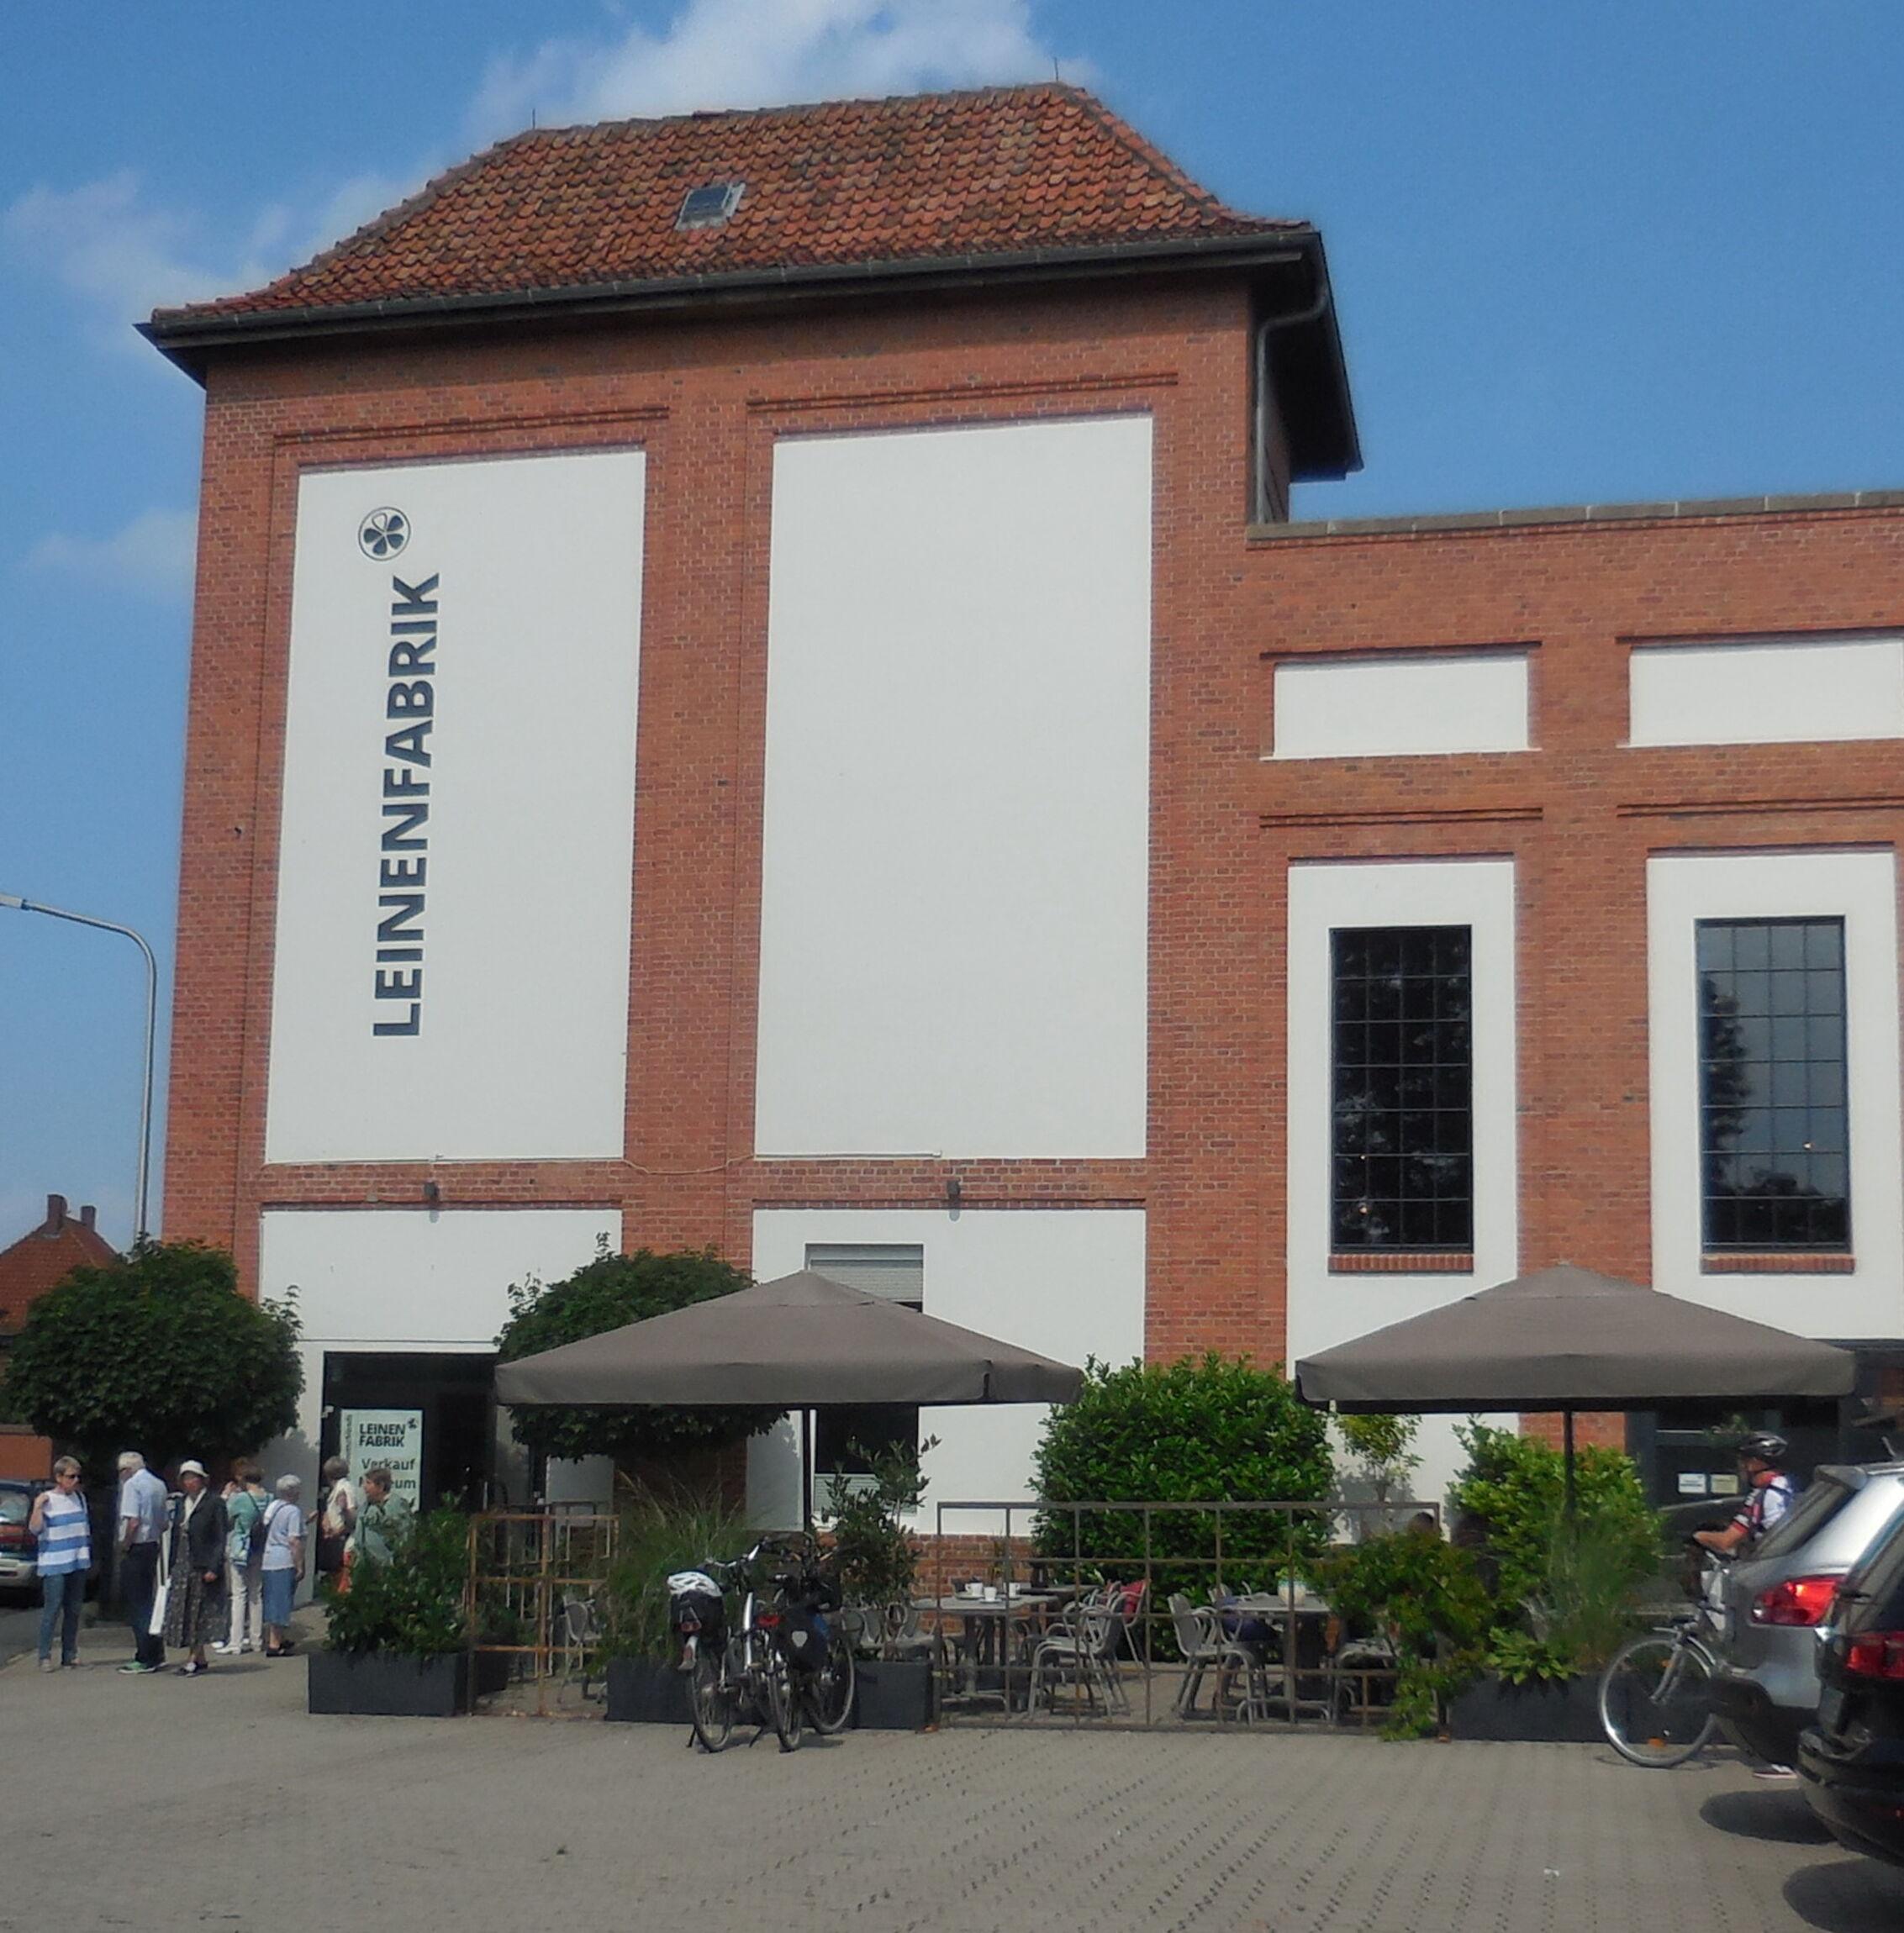 Weberei in Steinhude - Gebäude, Teaser